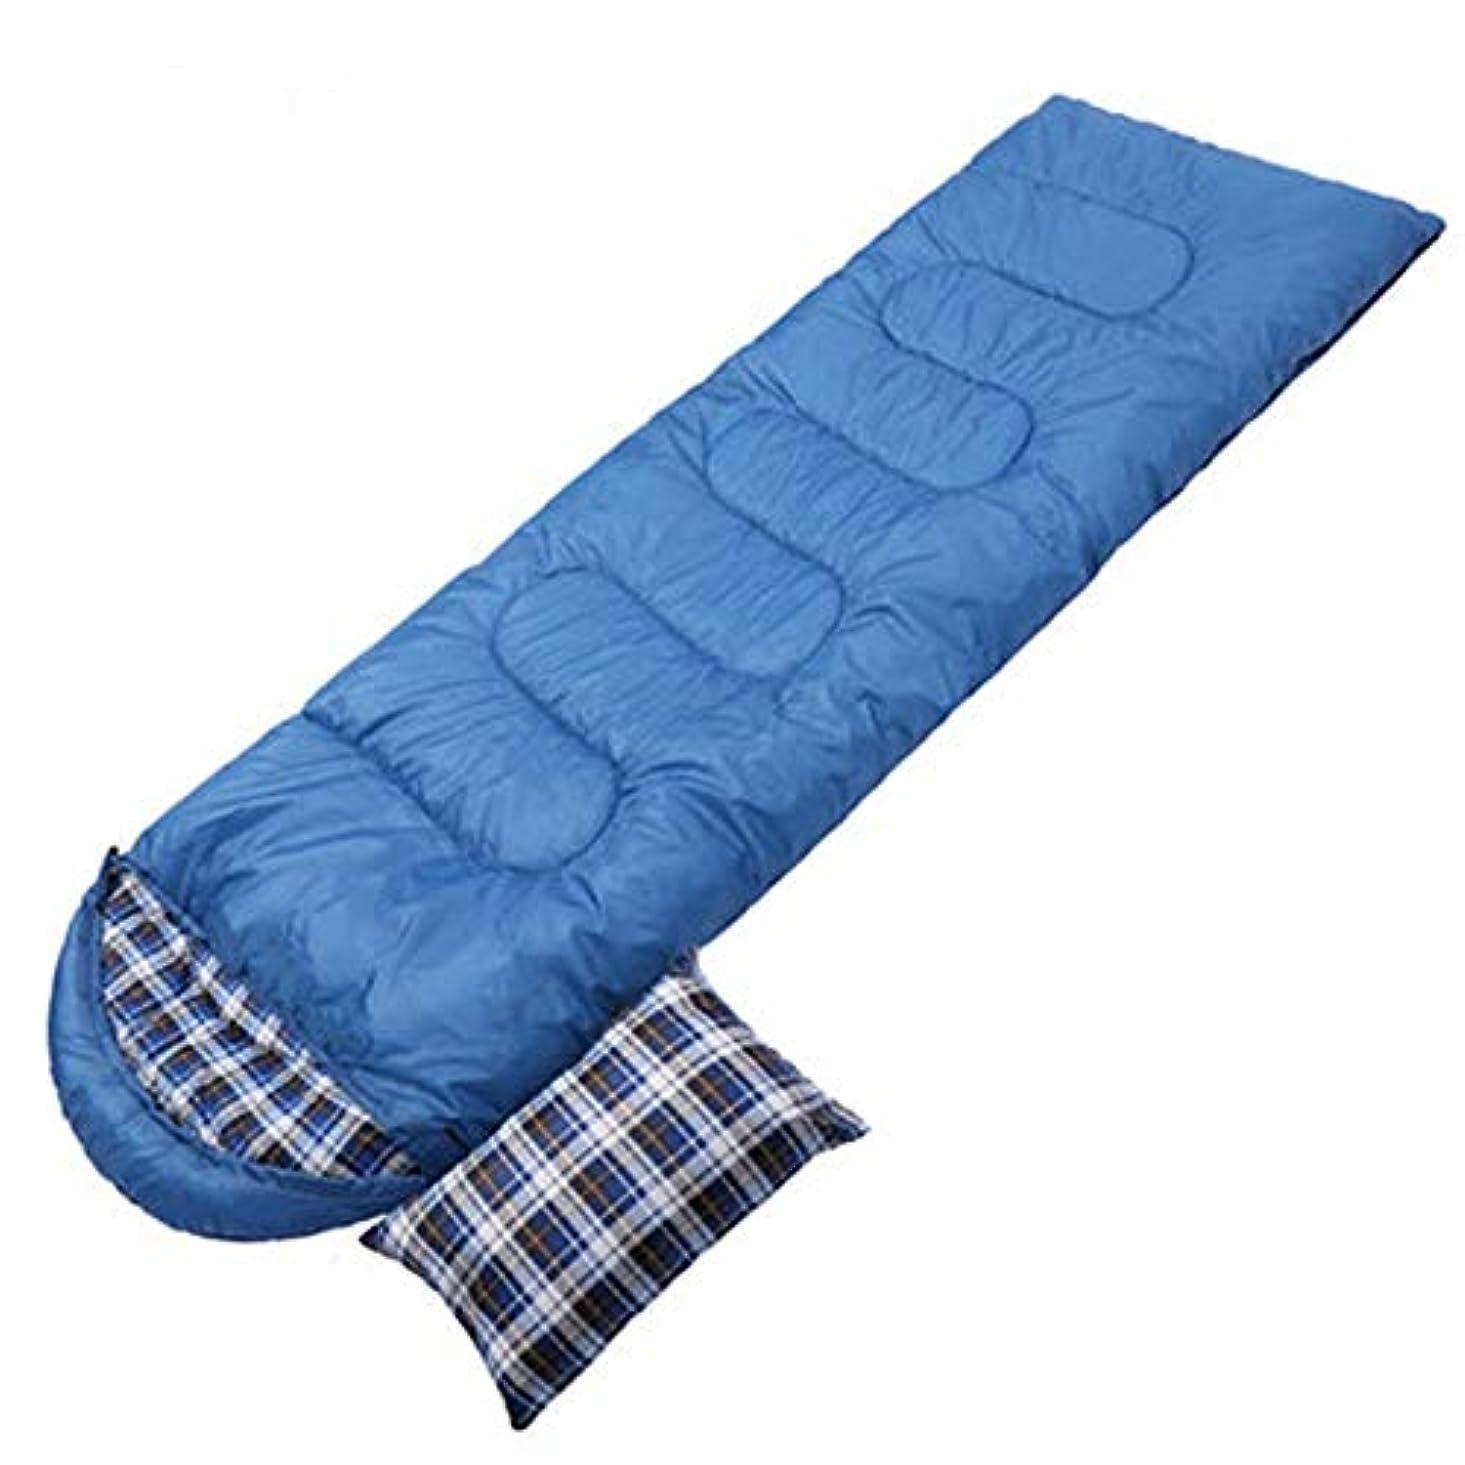 つぼみ無数の勝者寝袋マットレスキルトテント3シーズンキャンプブッシュ屋外屋外 アウトドア寝袋秋と冬の旅行キャンプ暖かいキャンプ寝袋快適なコットン寝袋 個別の選択は完了しました (サイズ さいず : B)